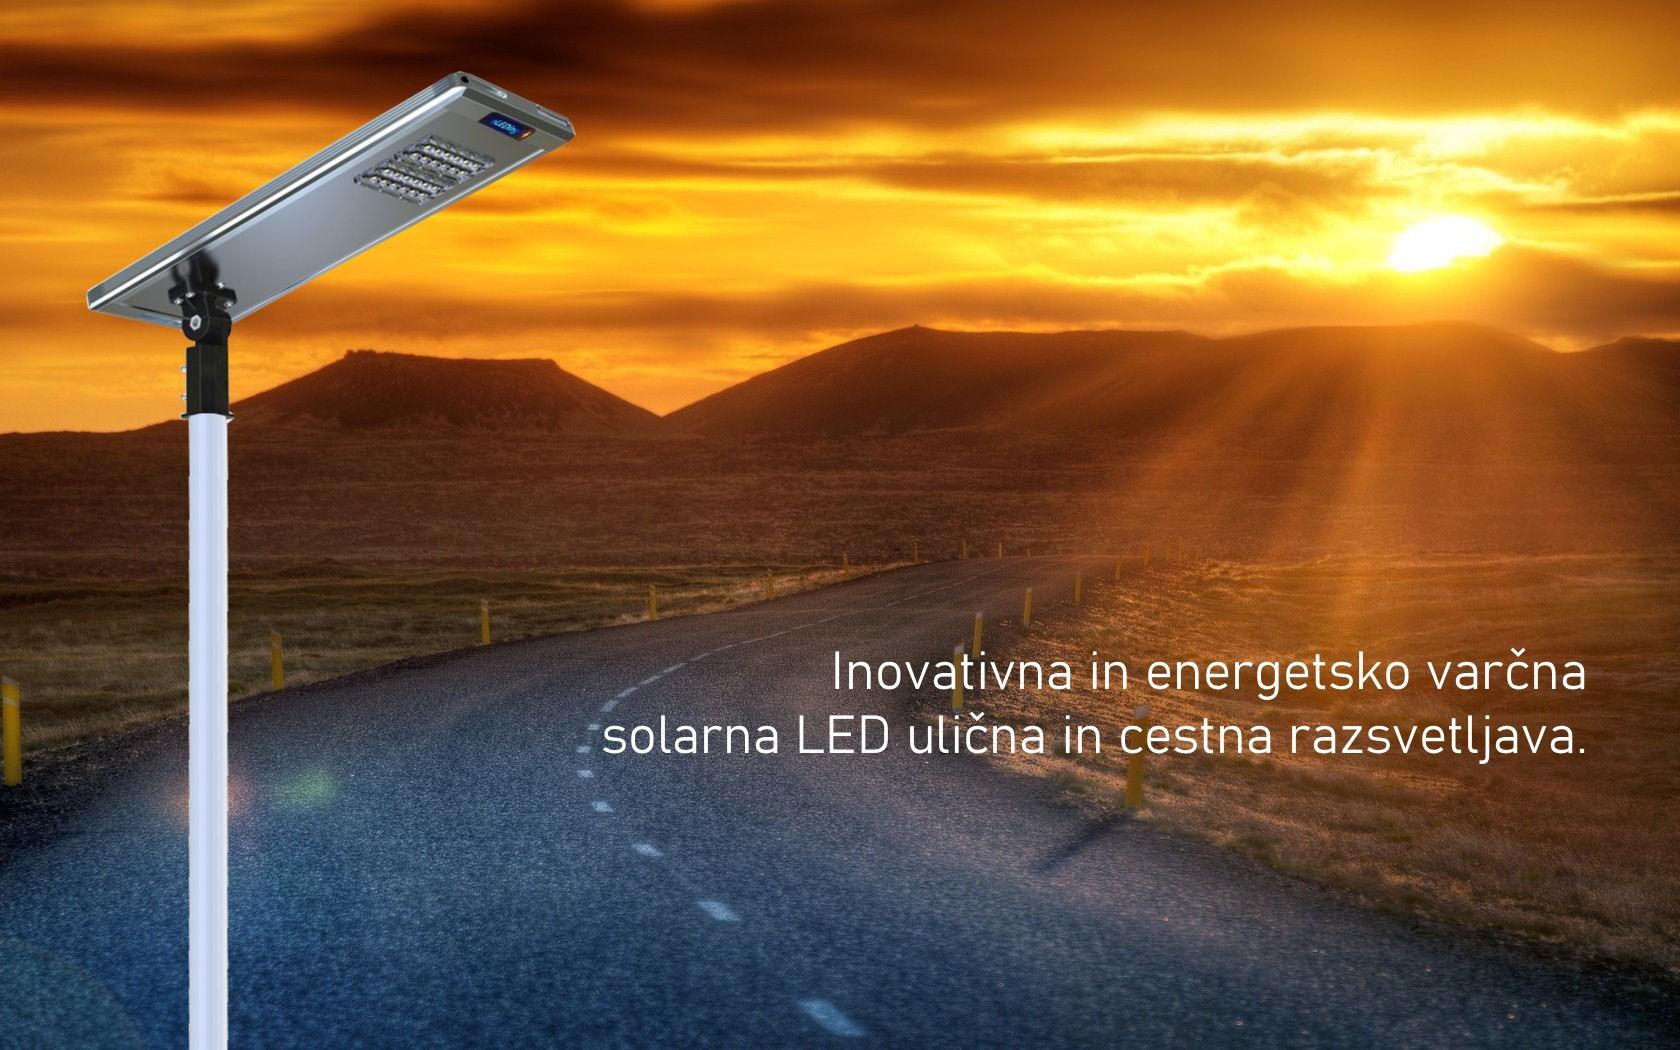 Solarna LED razsvetljava